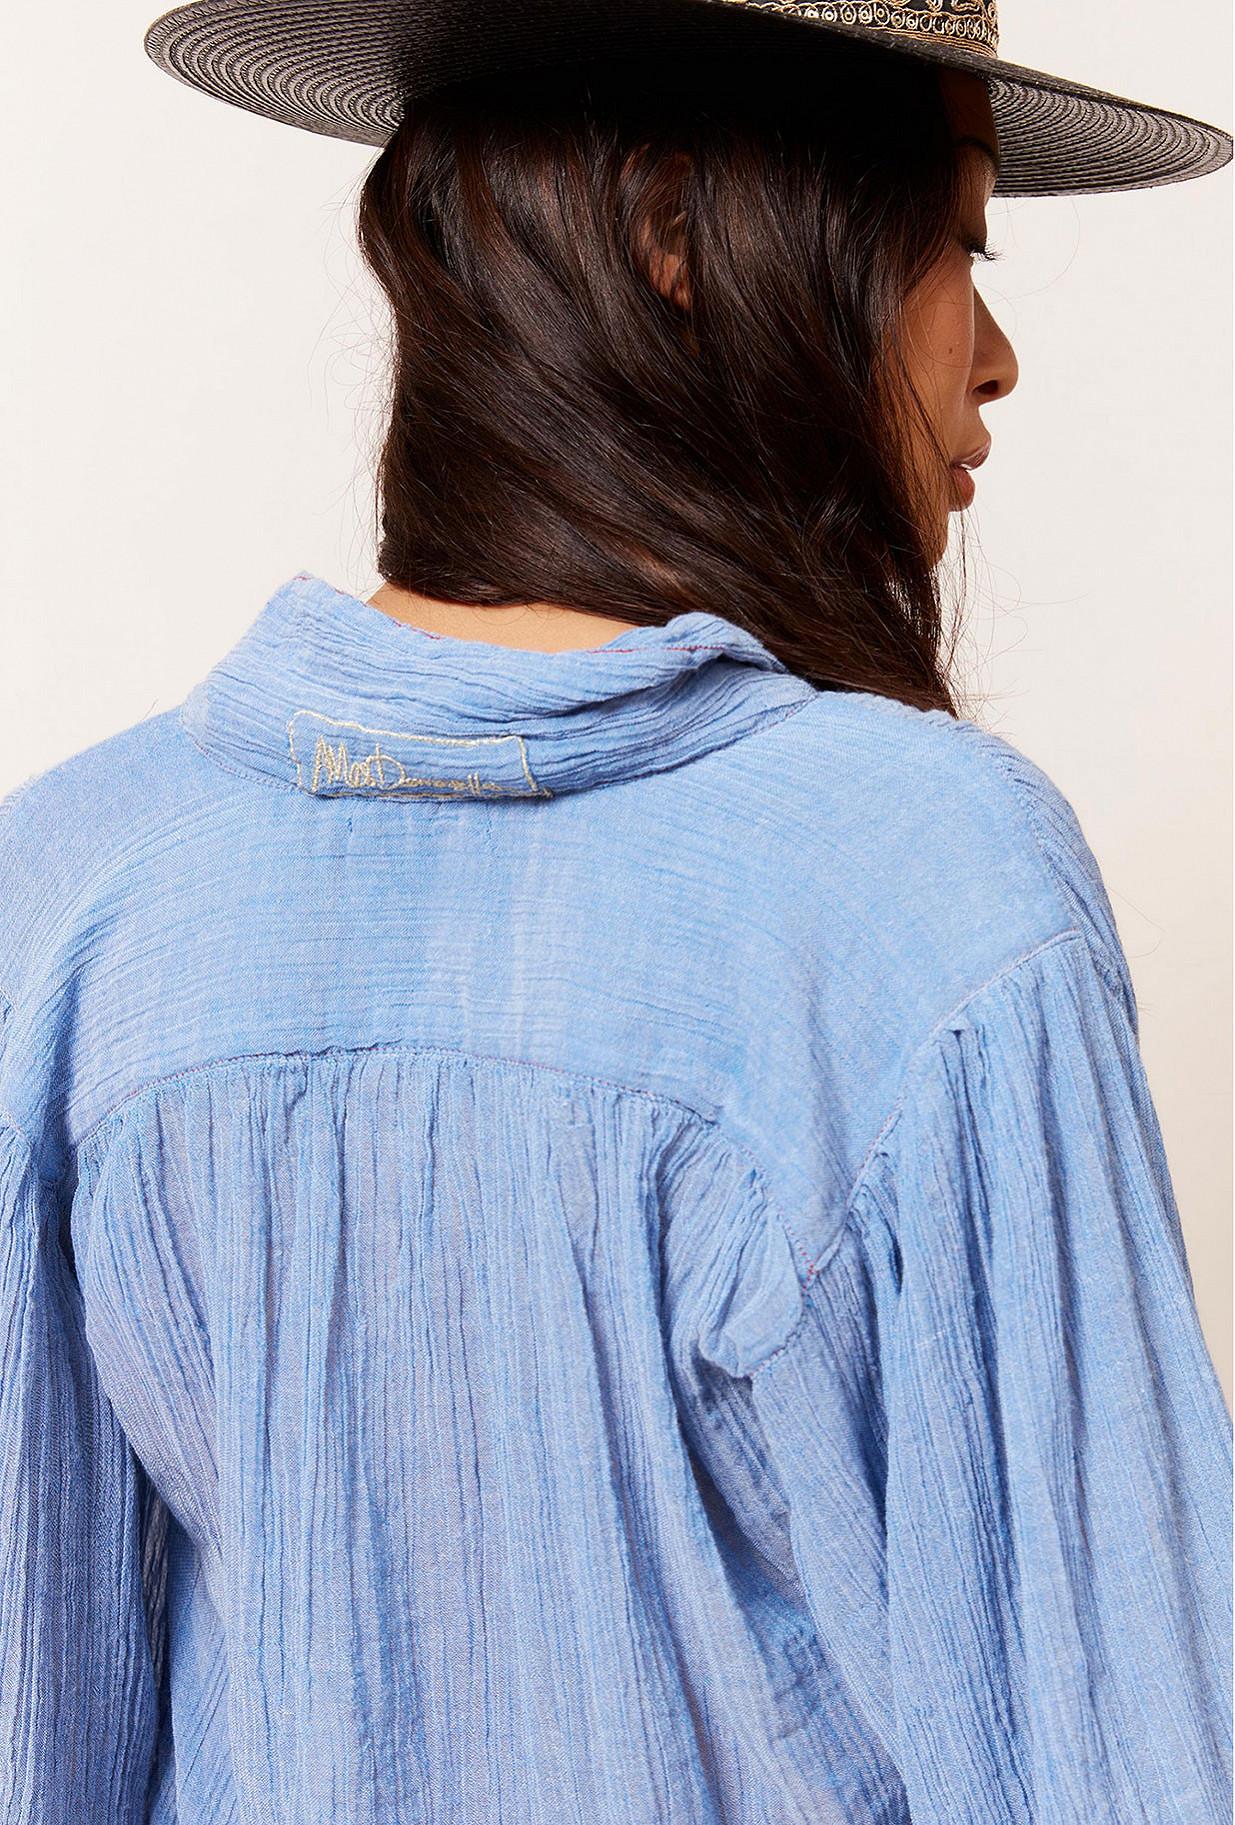 Paris boutique de mode vêtement Chemise créateur bohème  Daniel